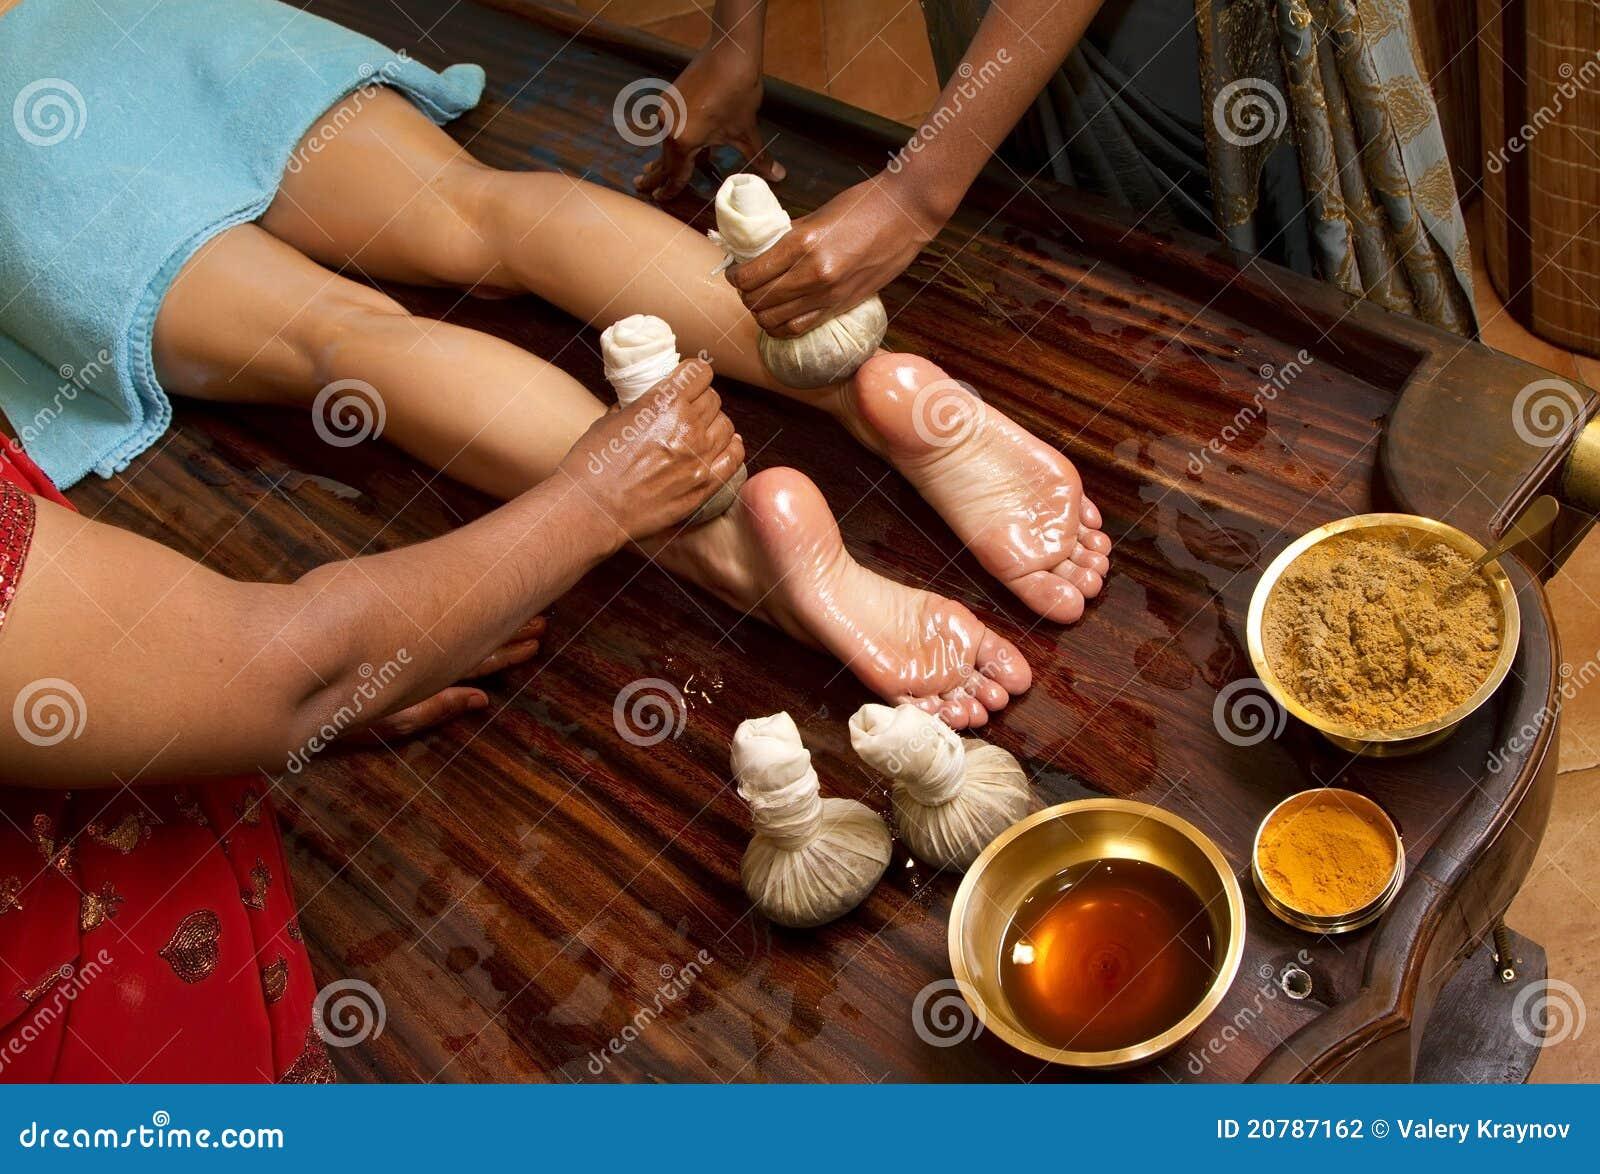 Traditionel indisk ayurvedisk oliemund massage Stockfoto - Billede af medicin, skønhed-7204